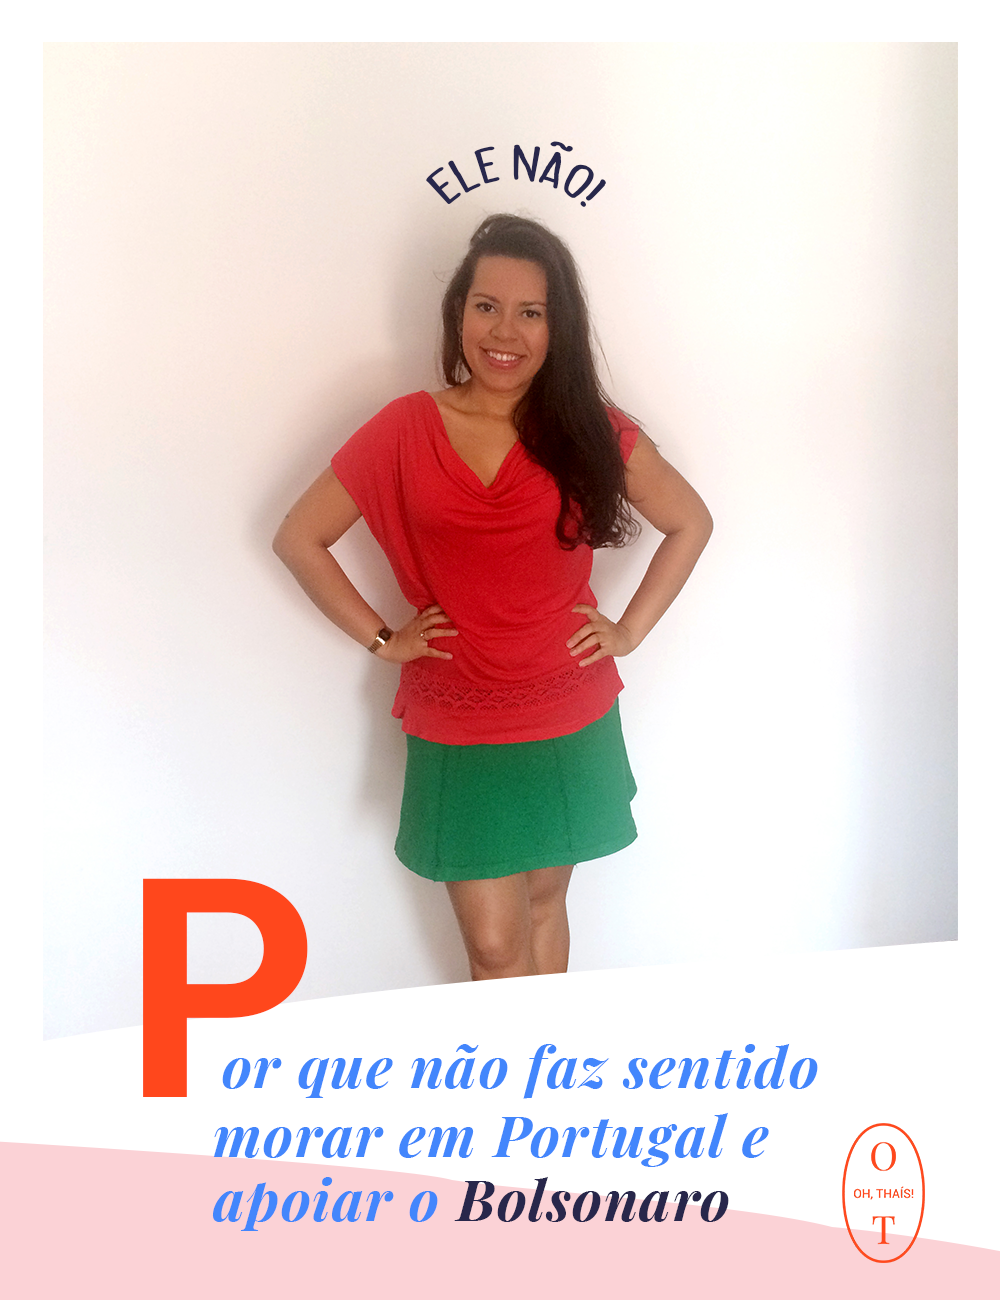 Morar em Portugal e apoiar o Bolsonaro